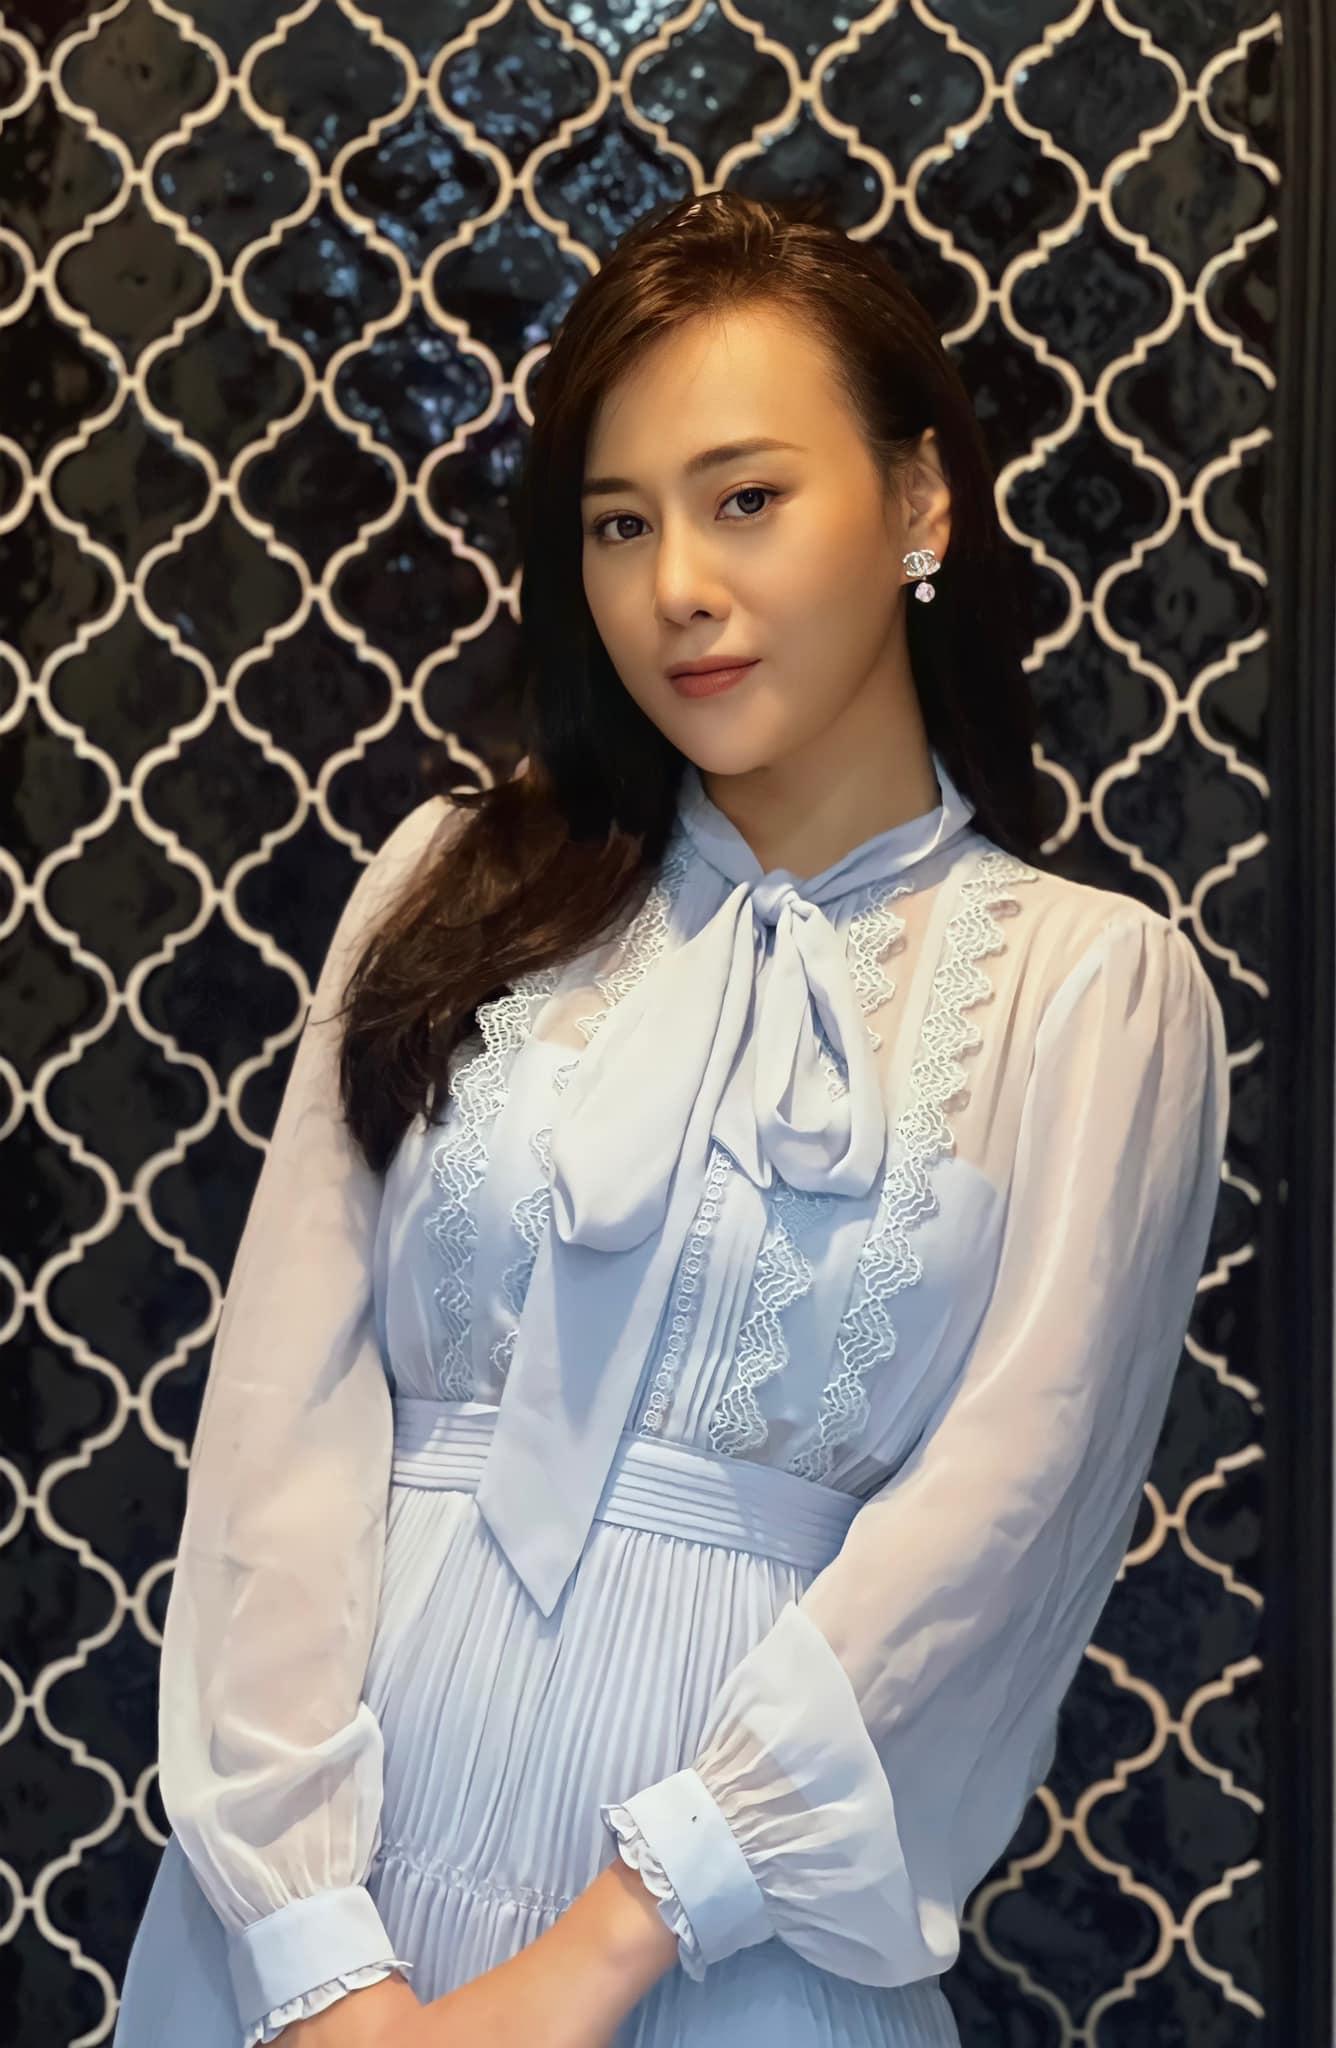 Tóc Tiên ở nhà diện đồ táo bạo, Hòa Minzy dẫn đầu top sao mặc đẹp tuần qua - Ảnh 12.